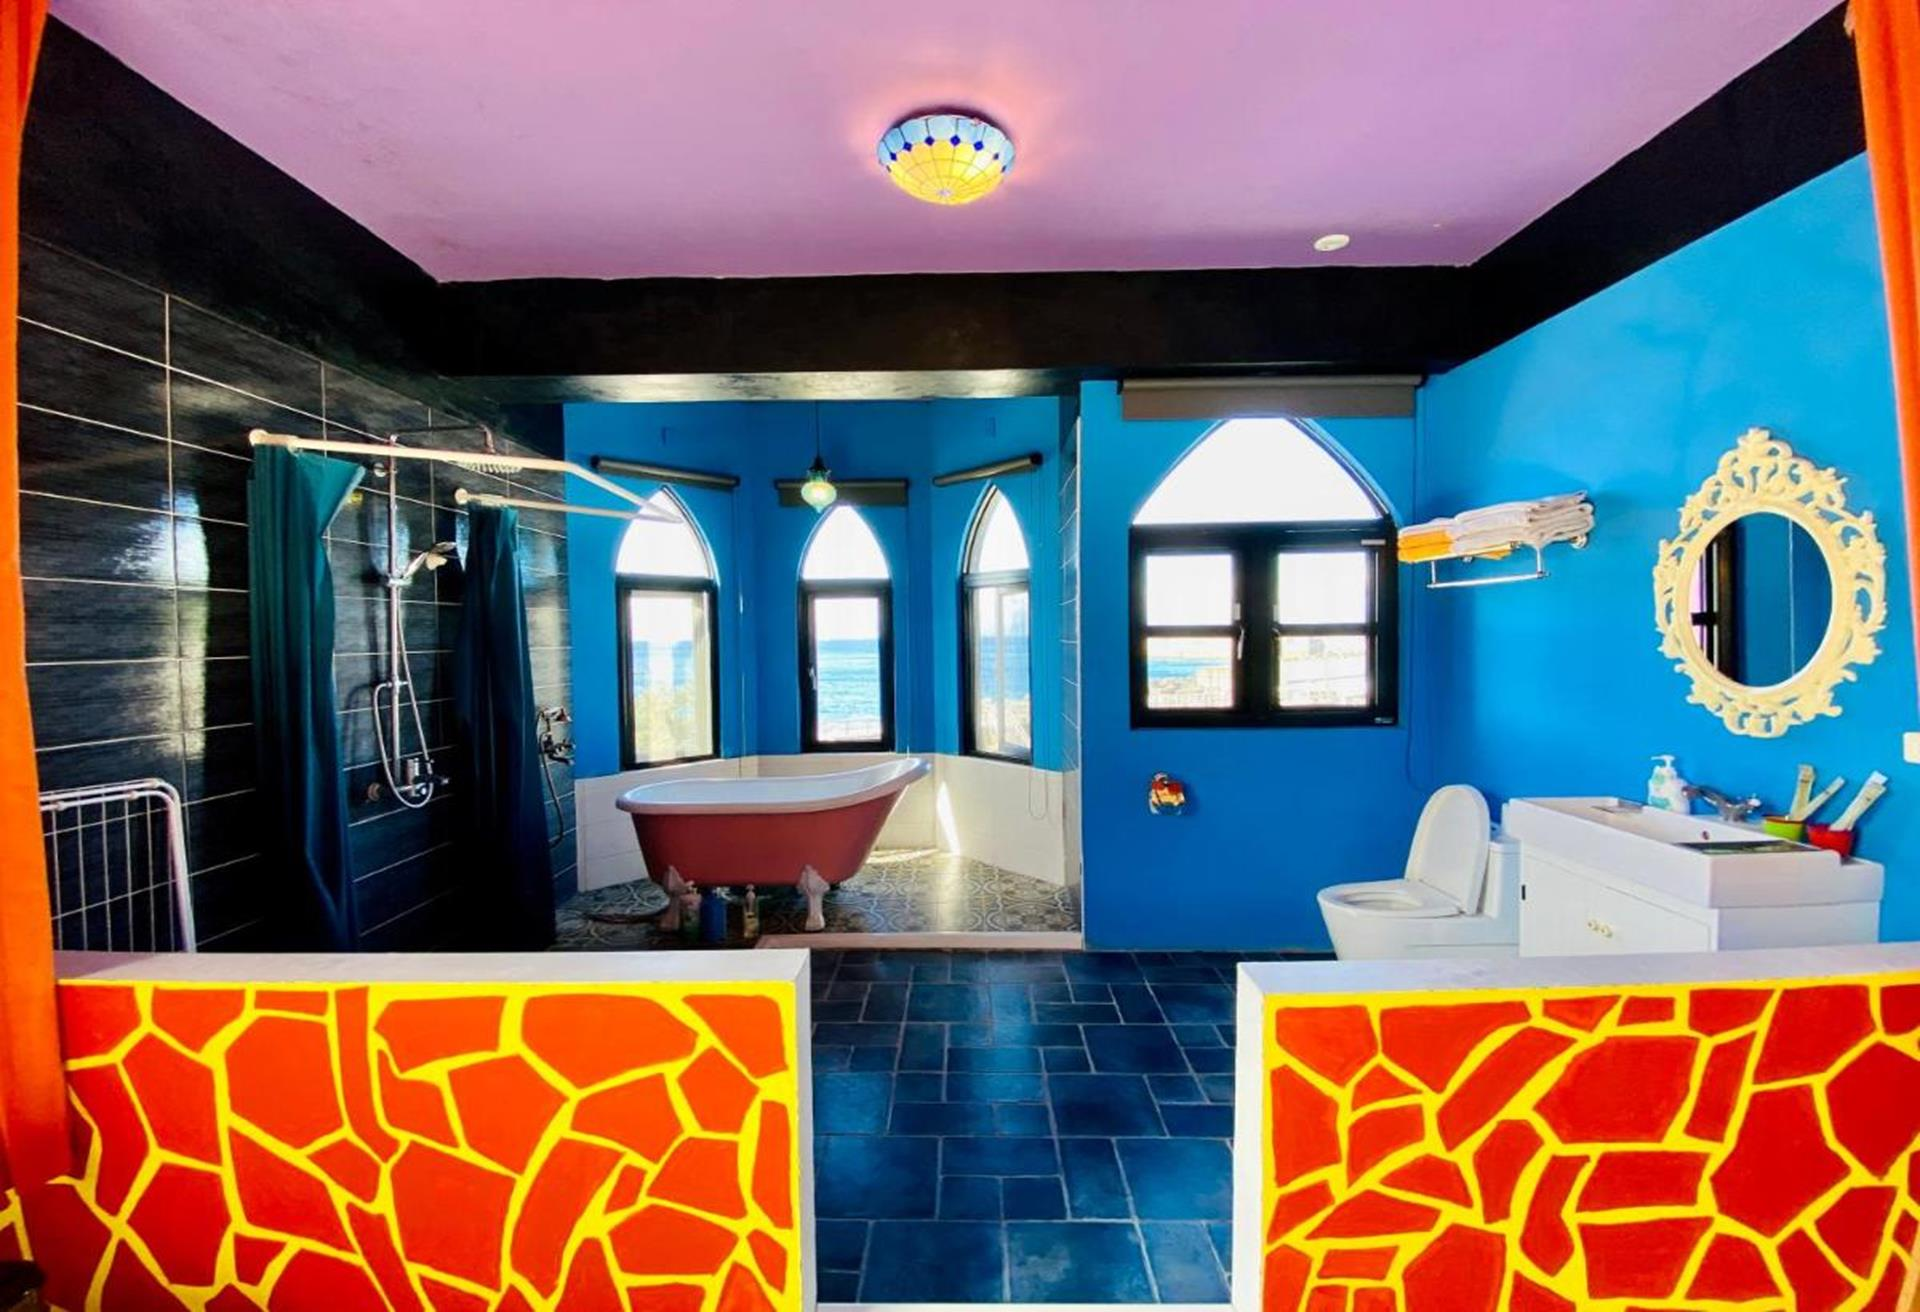 綠島海景民宿推薦 - 月光城堡潛水民宿能看到海景的泡澡浴缸